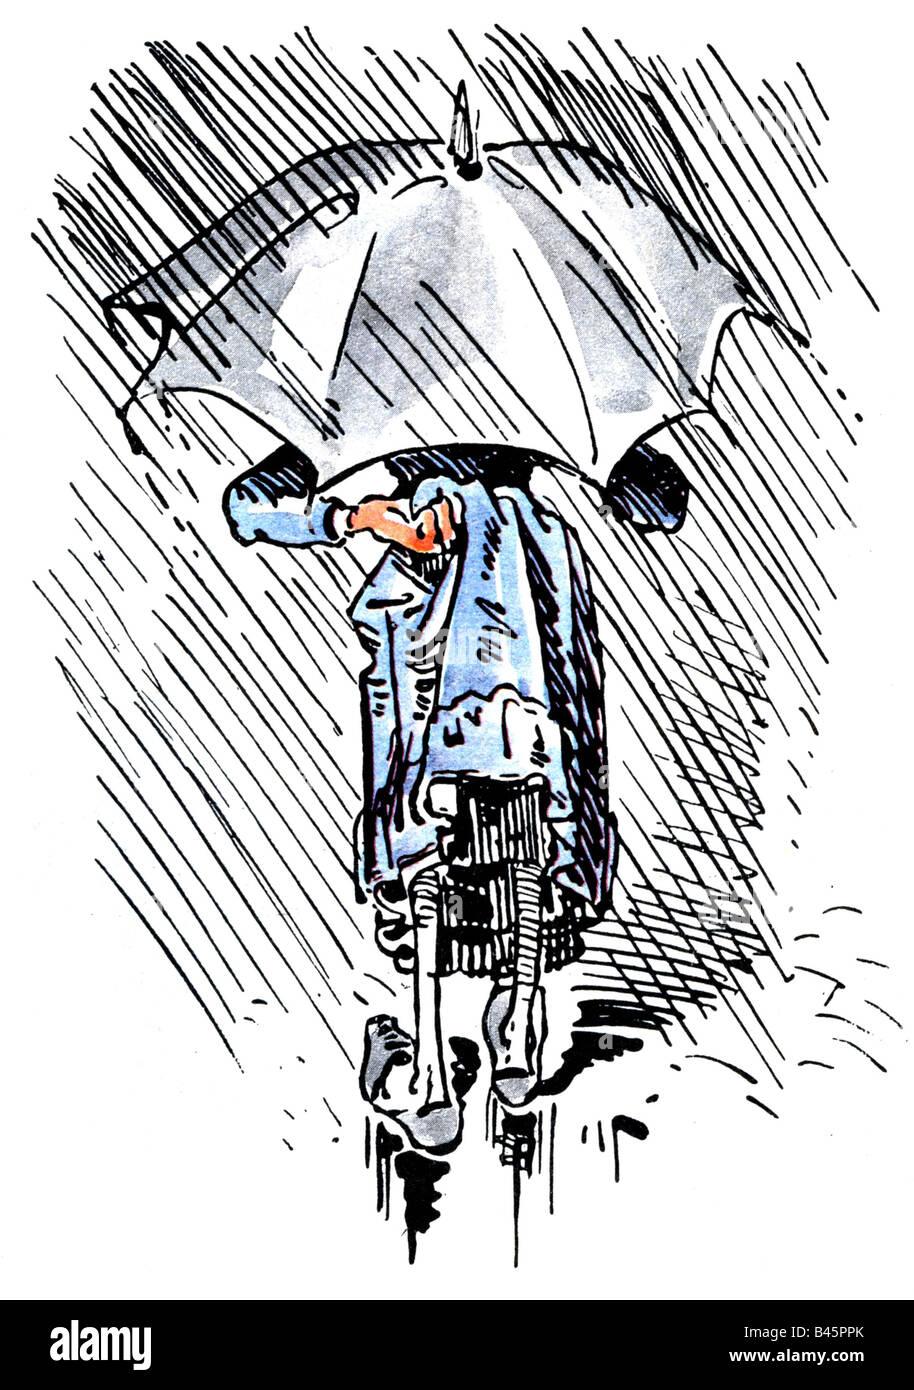 Literatur, Dideldum!, Wilhelm Busch, Truebe Aussicht, regnerischen Wetter, Comic, Deutschland, Frau, Regen, Regen, Stockbild